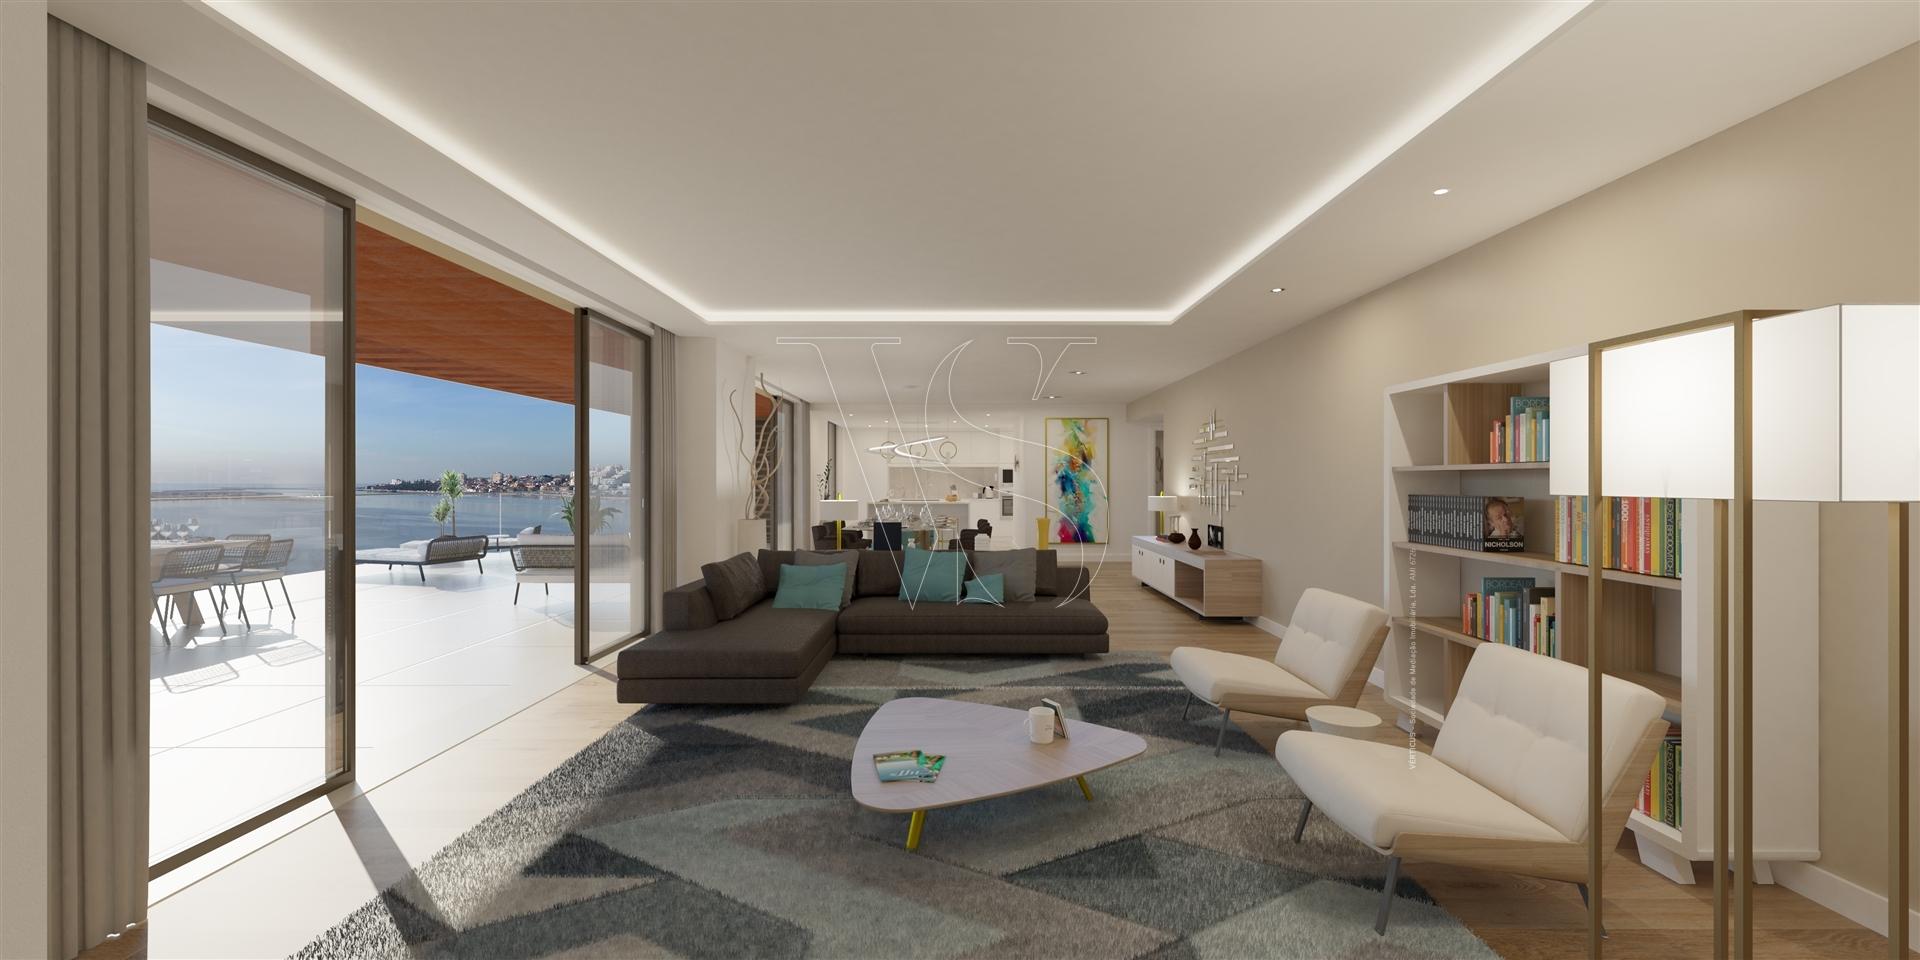 T4 Penthouse, Closed Condominium, Douro River, Porto and Sea views.